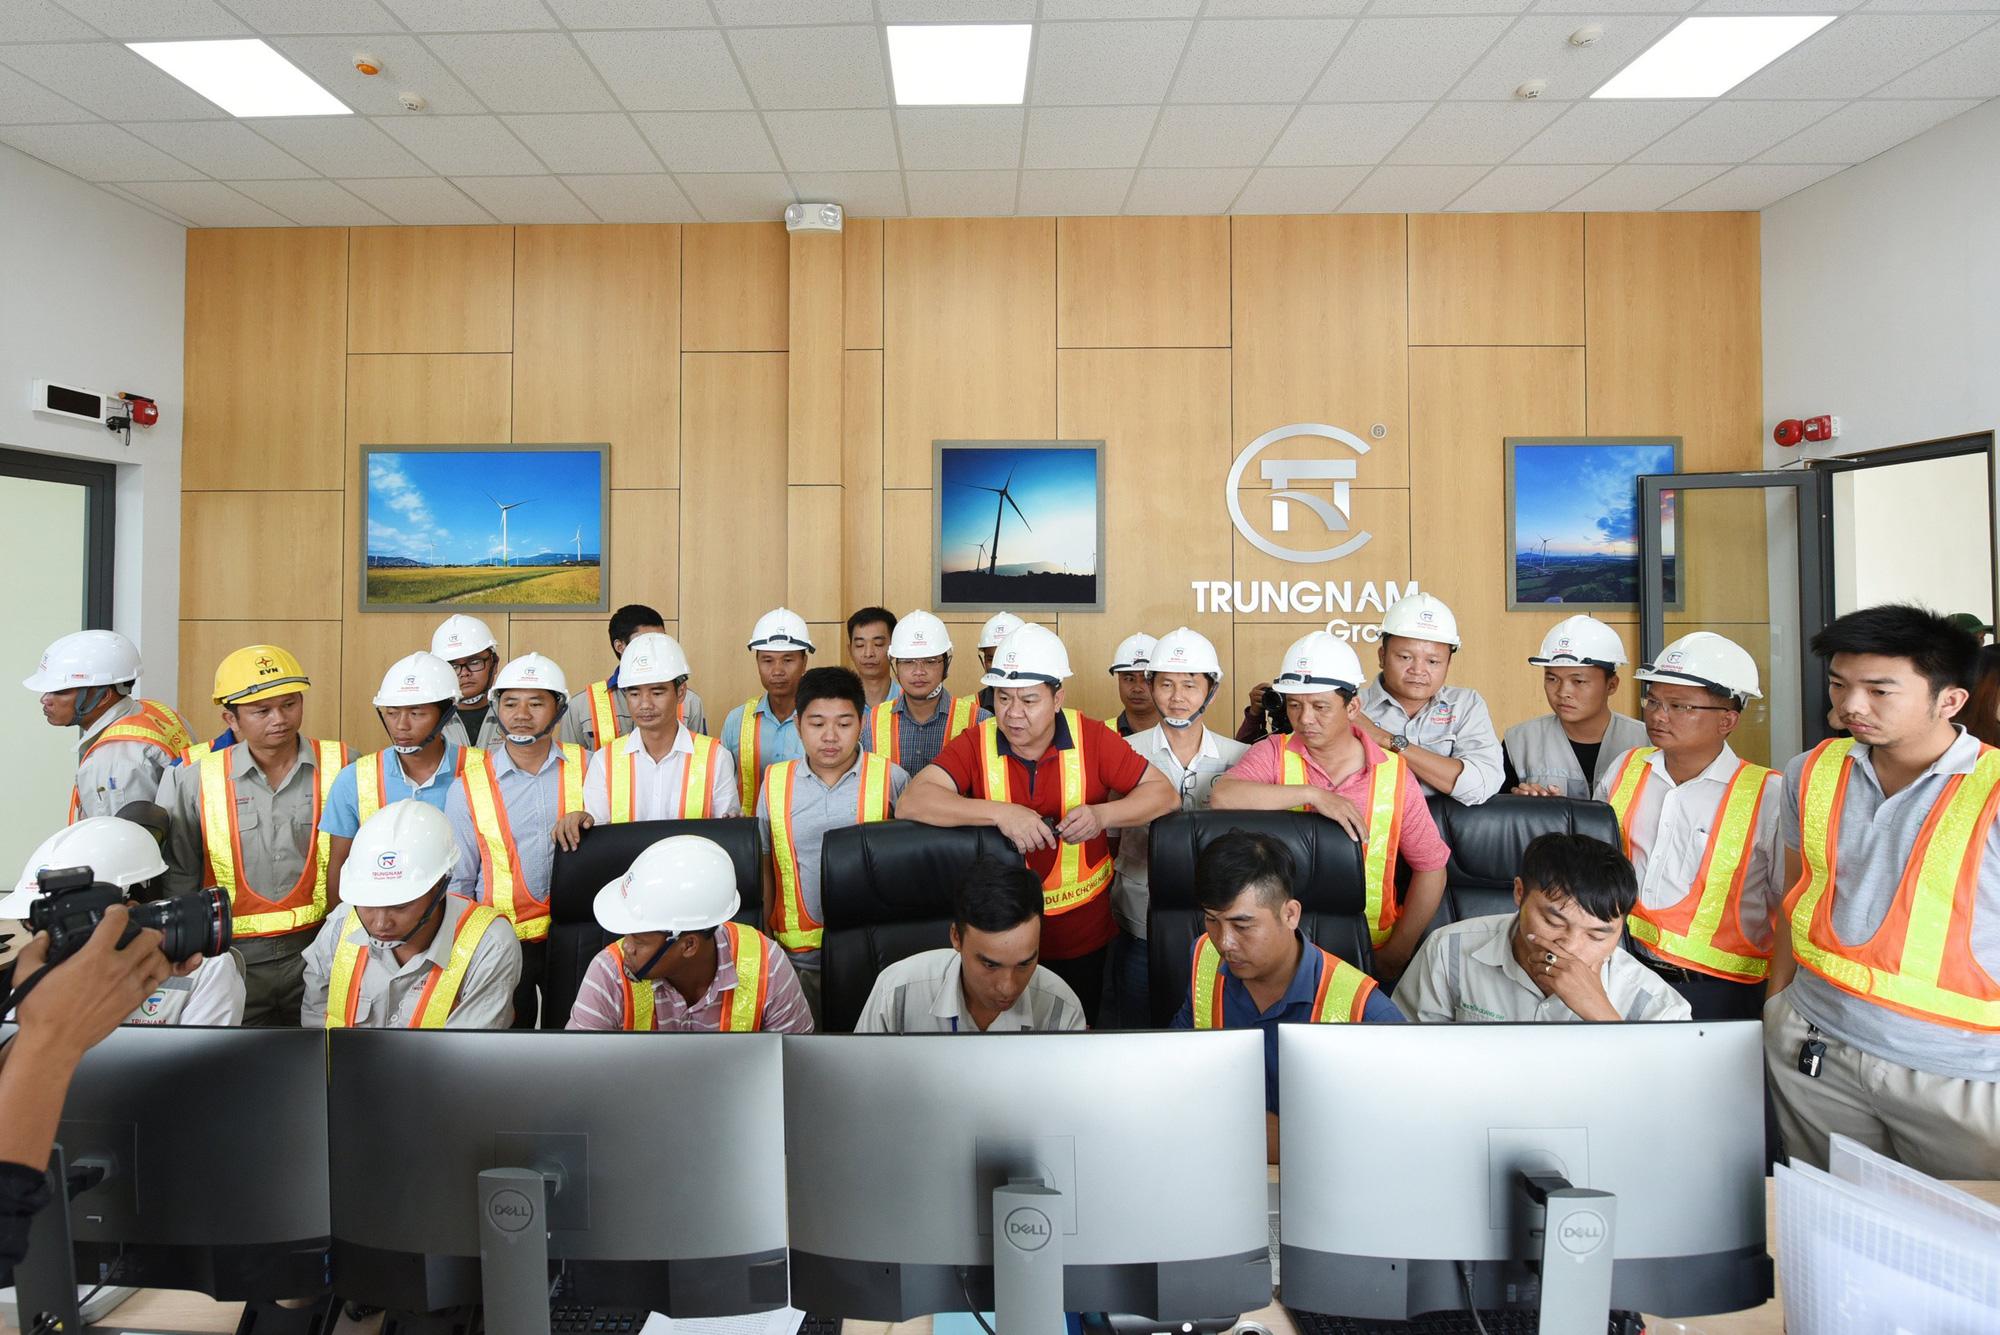 Trungnam Group tổ chức lễ đóng điện trạm biến áp và đường dây 220/500kv - Ảnh 1.